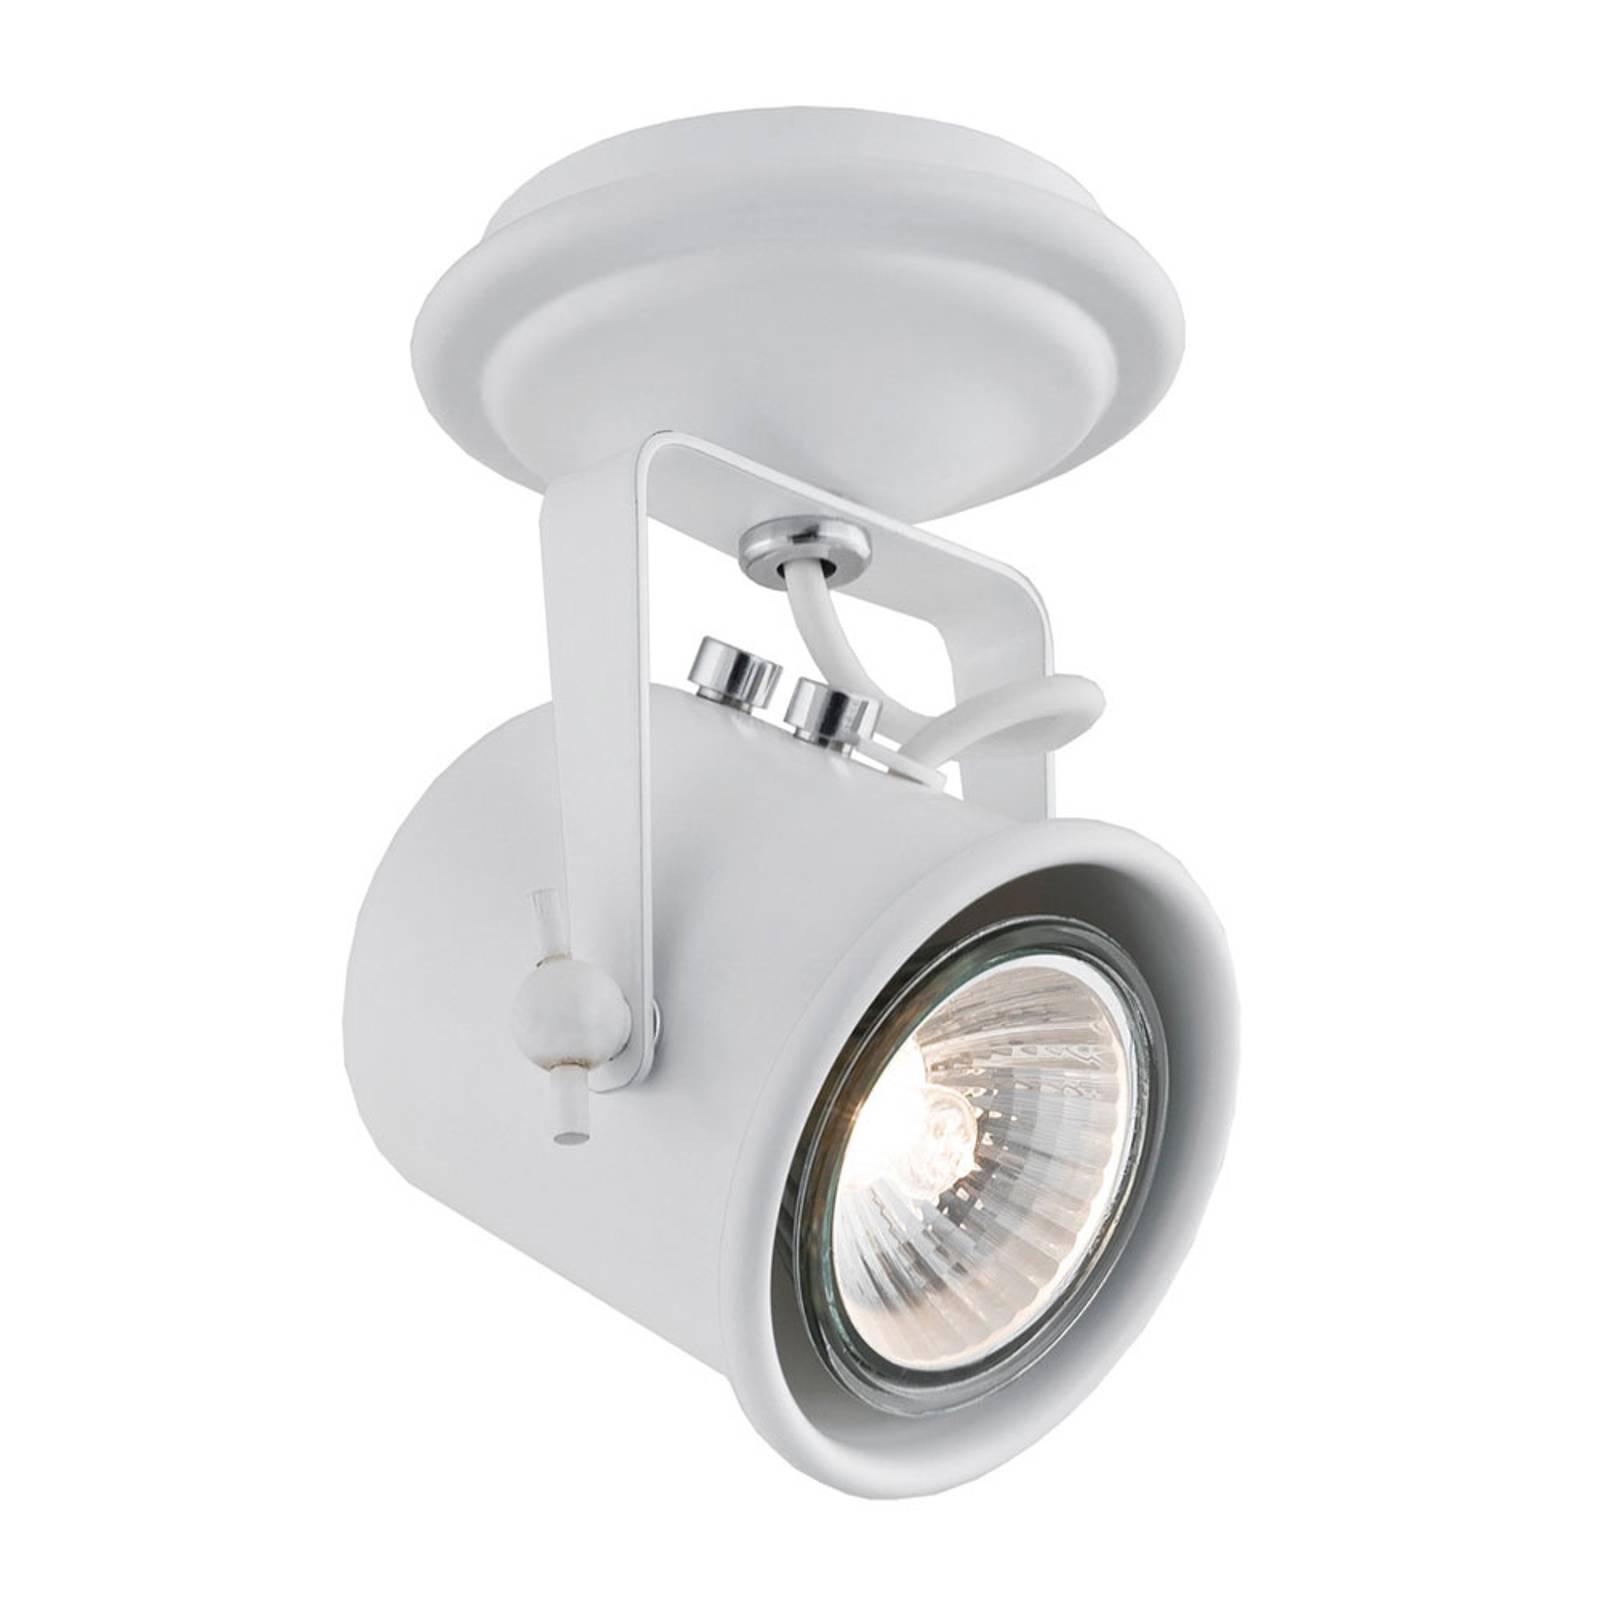 Faretto a soffitto Canico, 1 luce, bianco